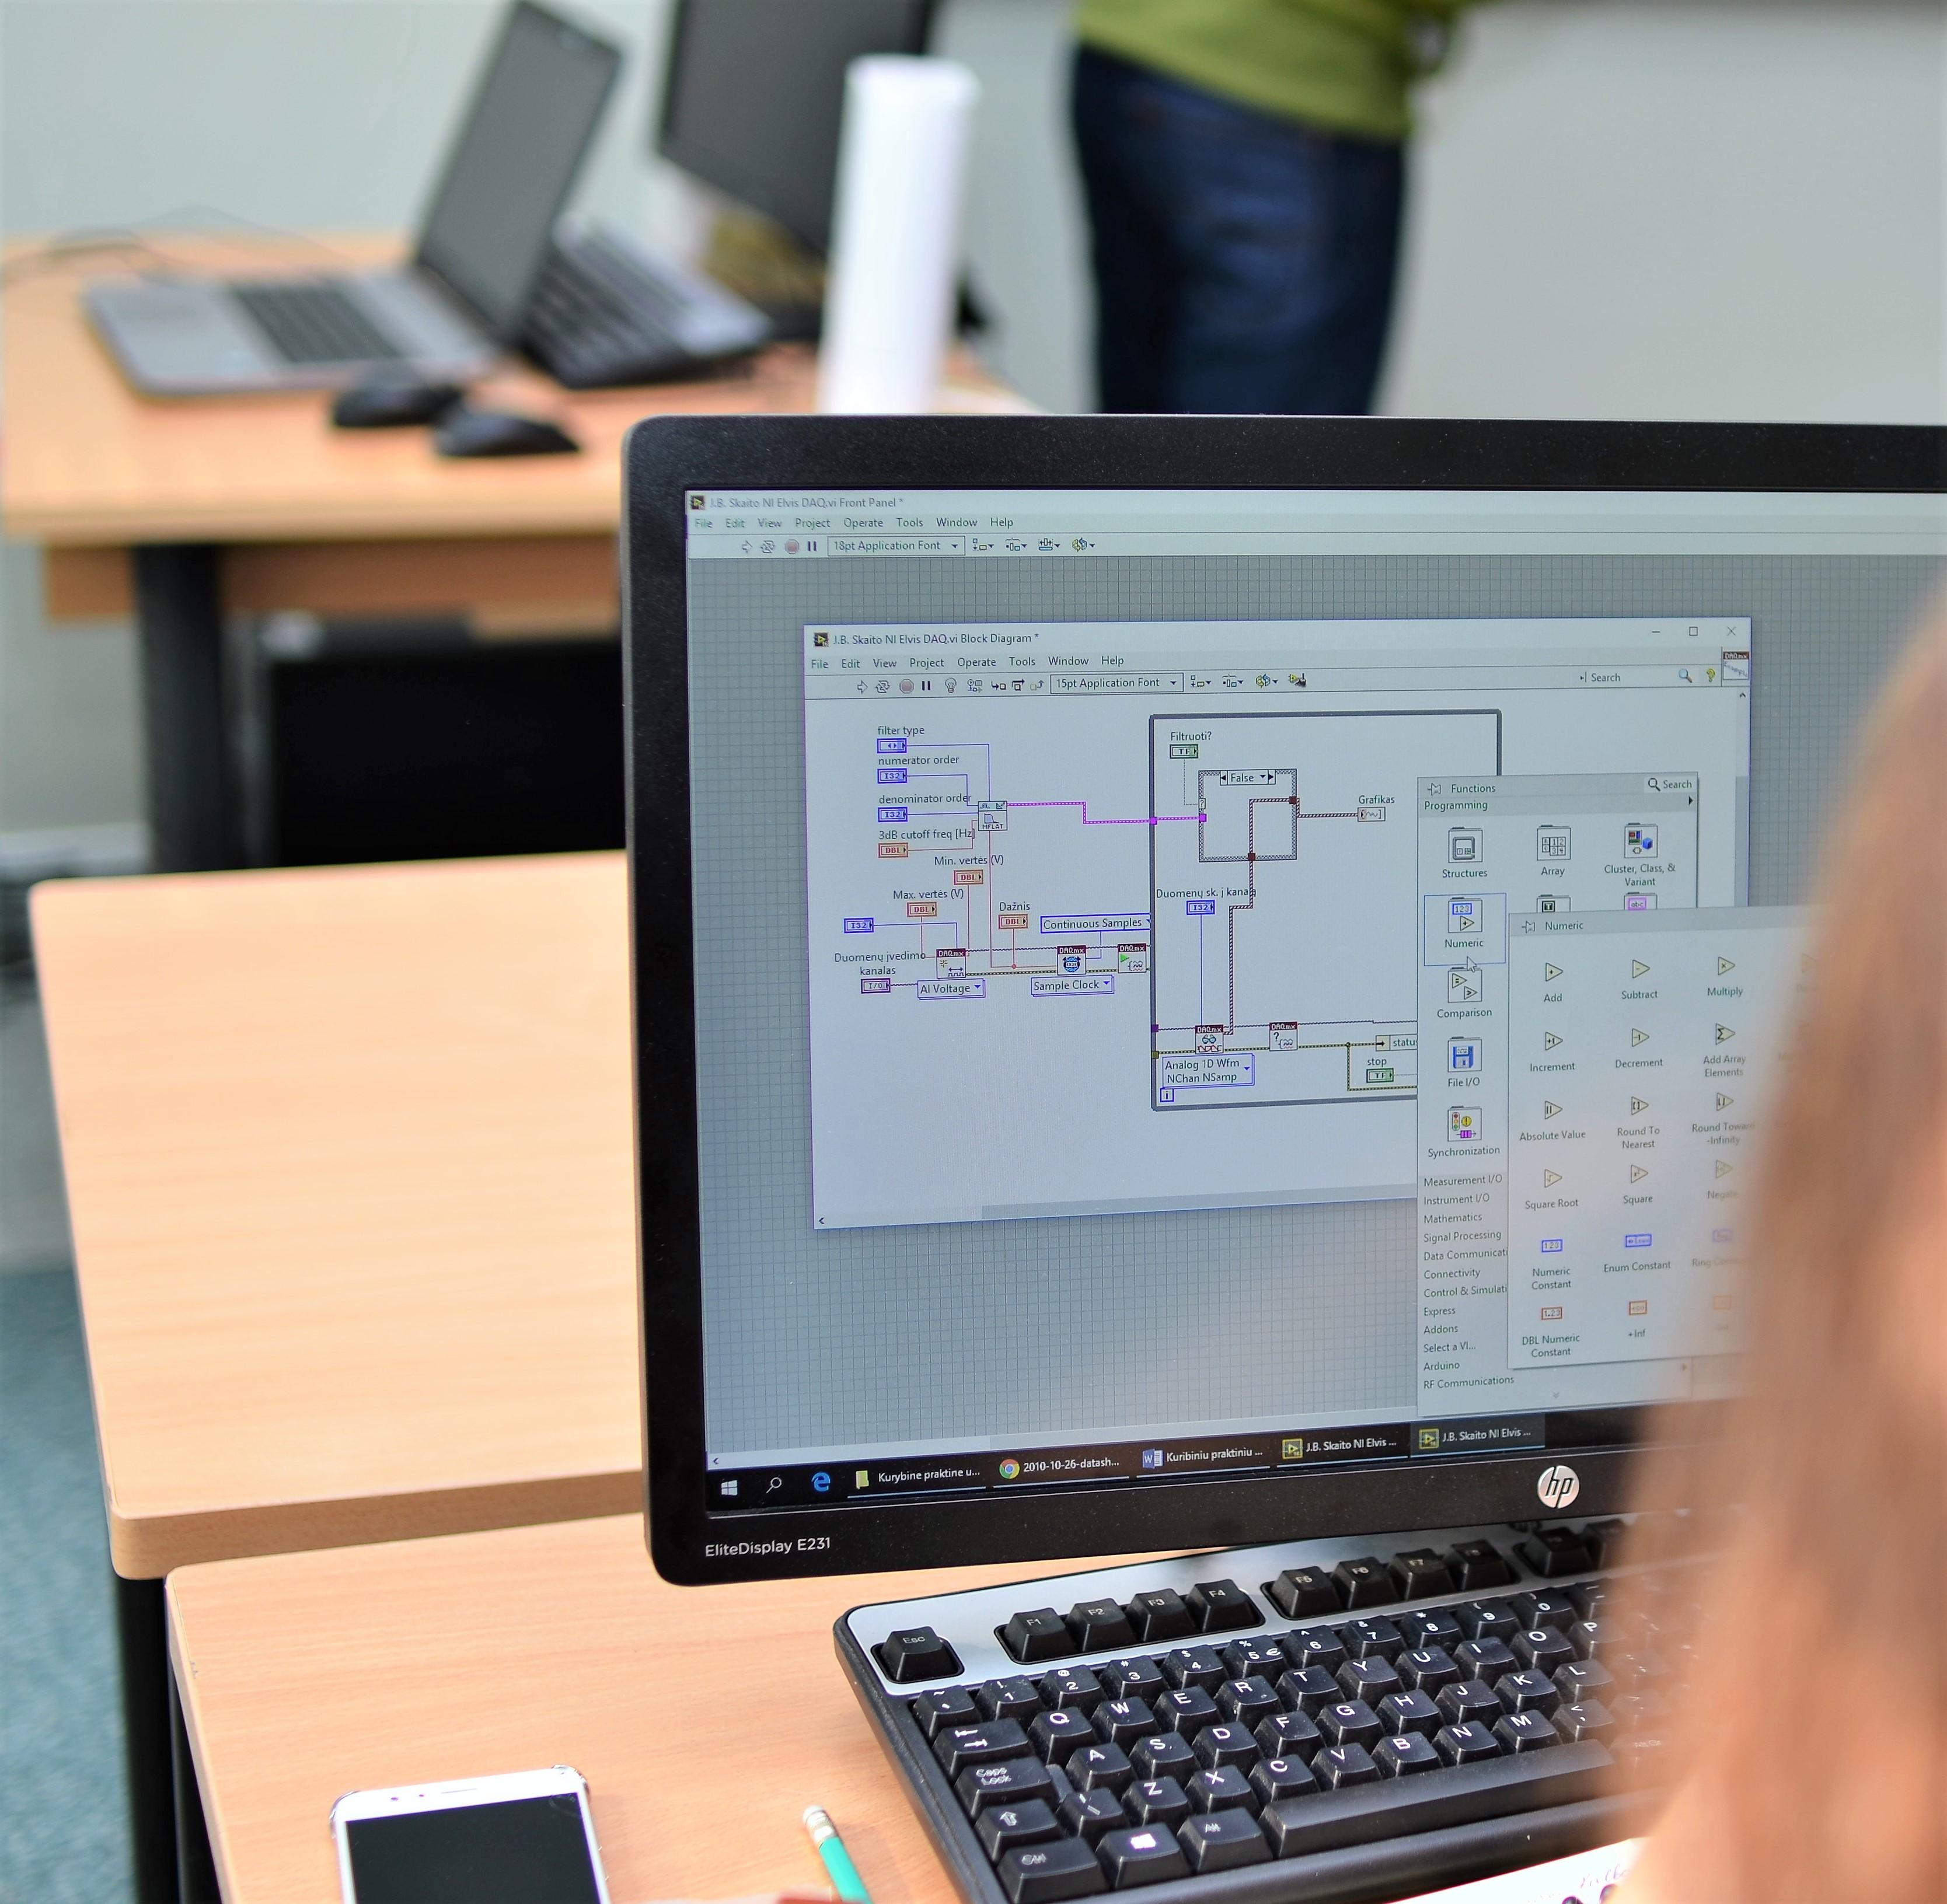 المعلوماتية (تكنولوجيا المعلومات - البرامج) (تخصصات - هندسة البرمجيات ، تطوير الأنظمة الذكية)